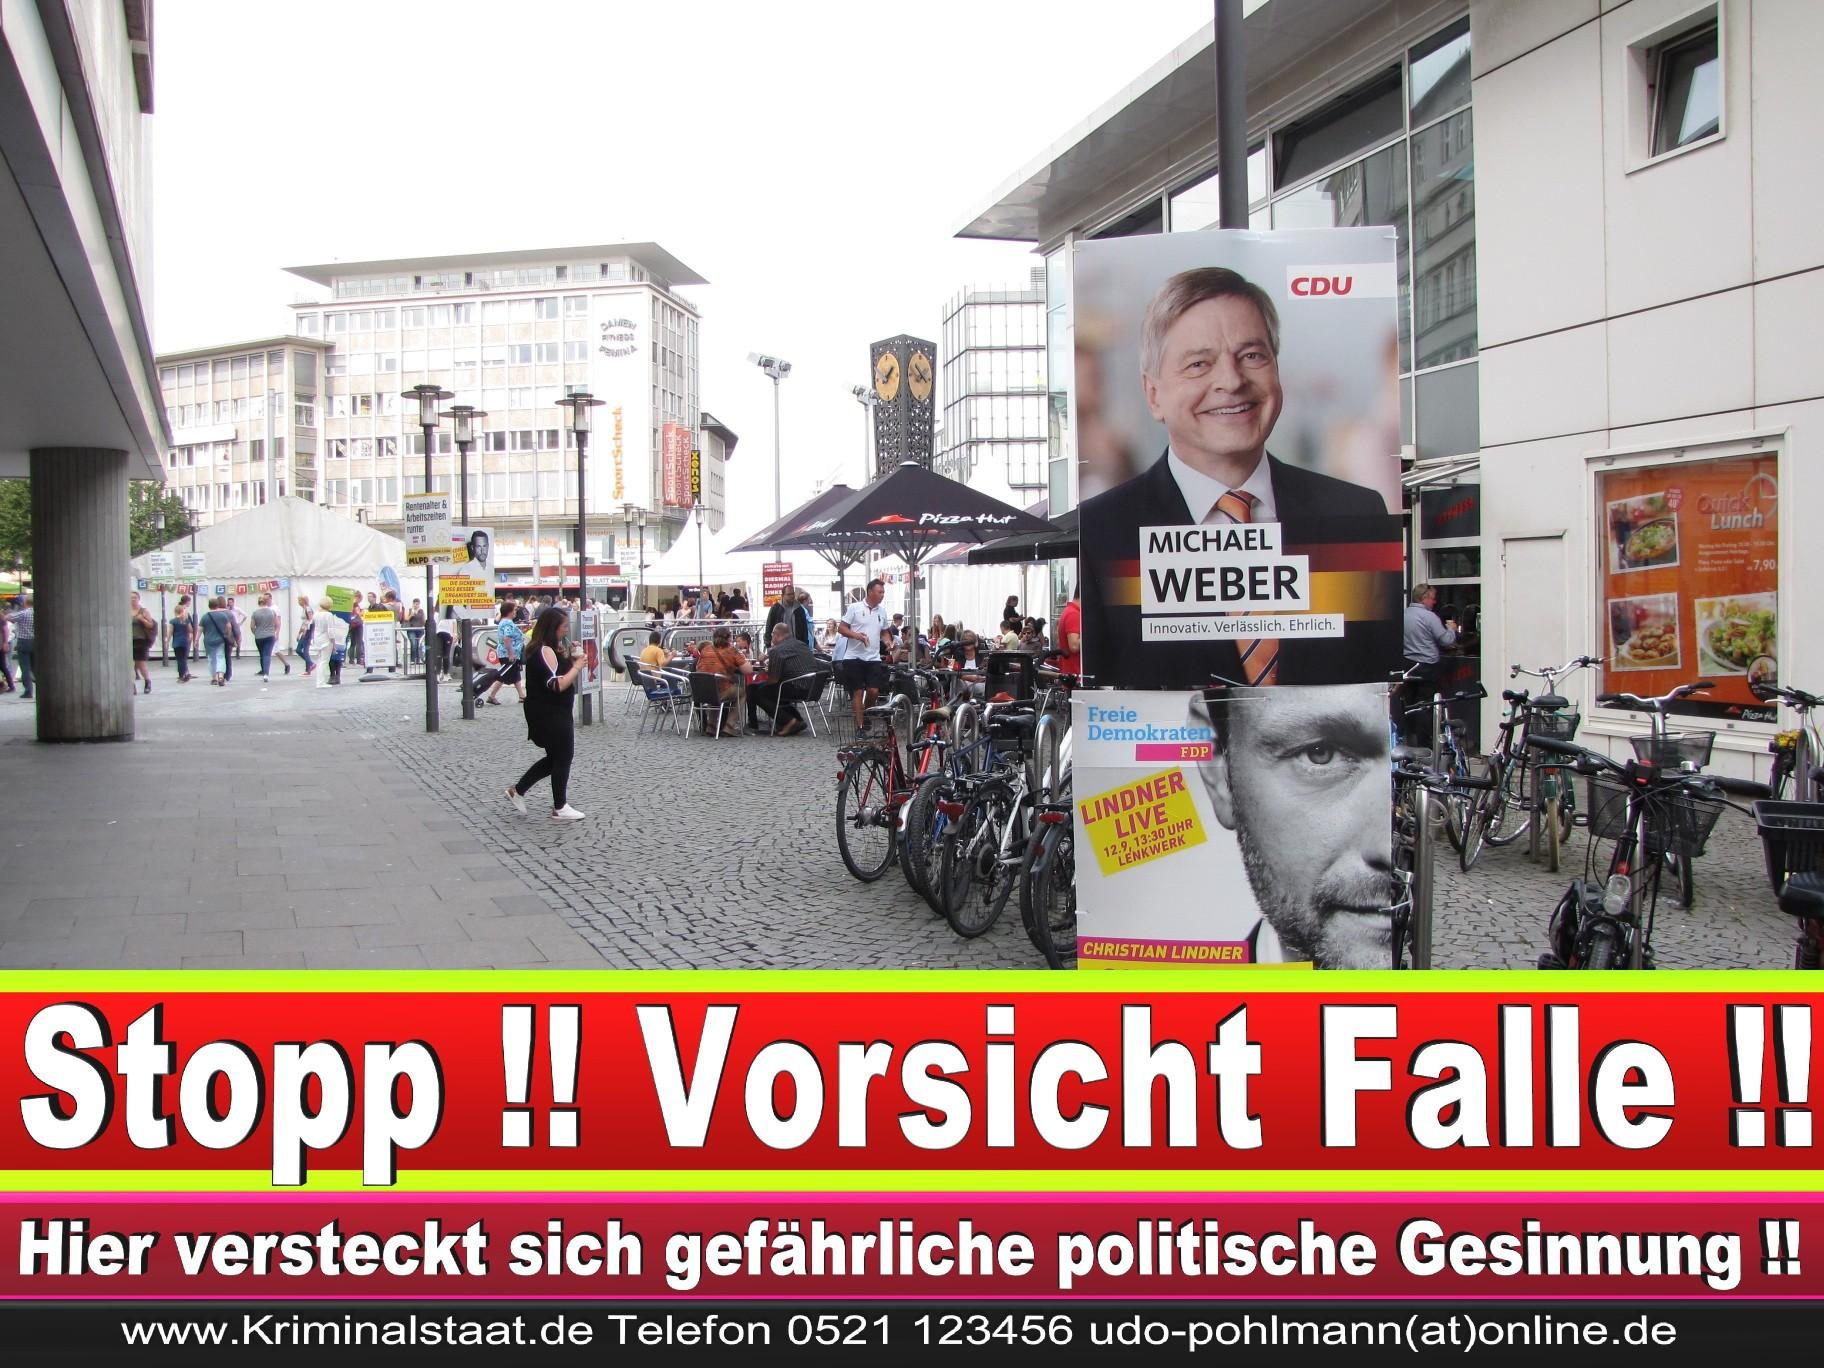 Wahlwerbung Wahlplakate Landtagswahl 2019 Europawahl CDU SPD FDP 2021 (50)